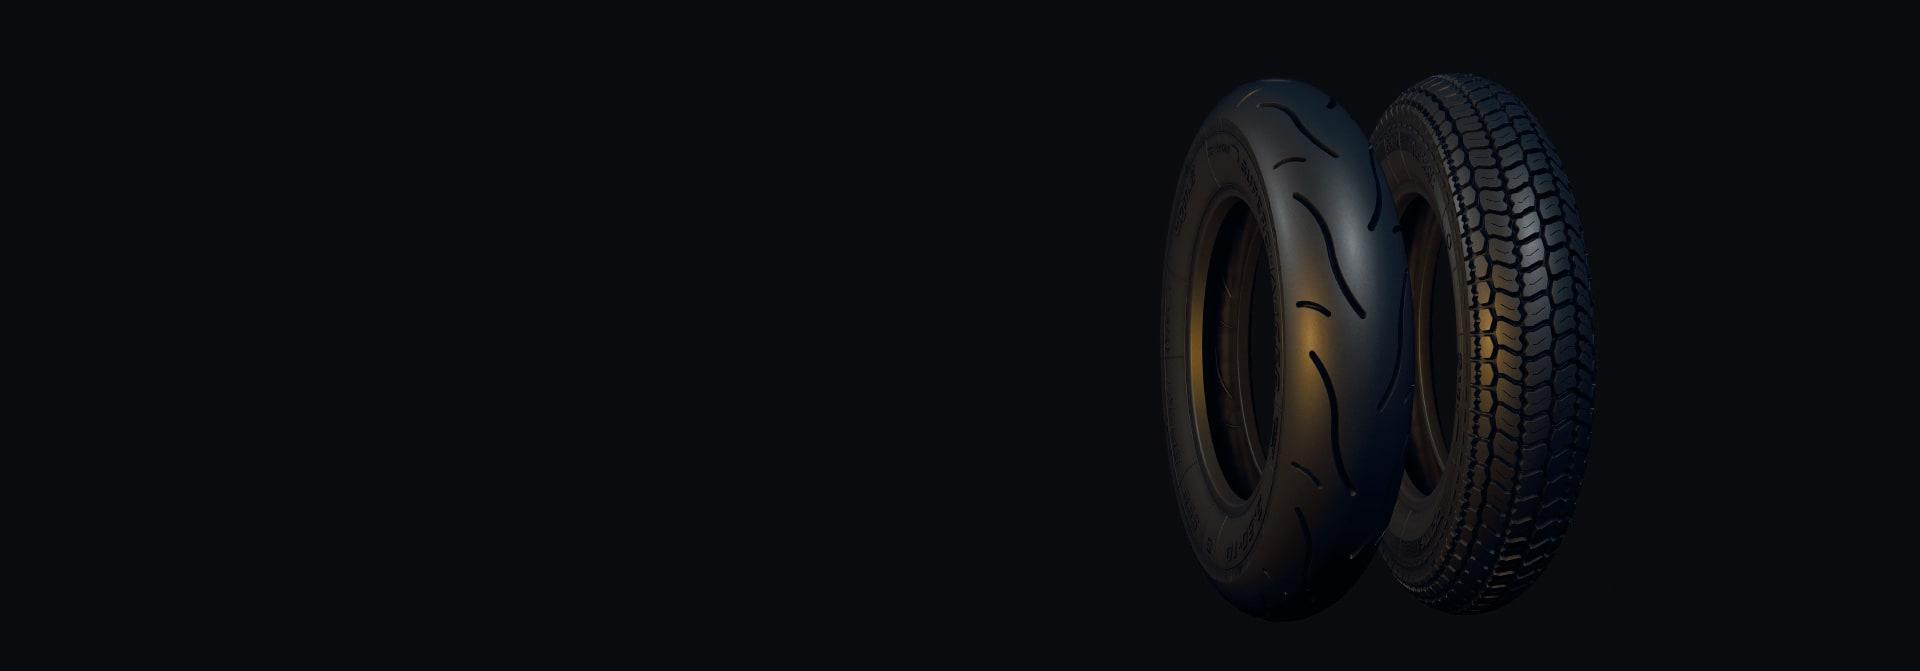 bgm PRO Reifen